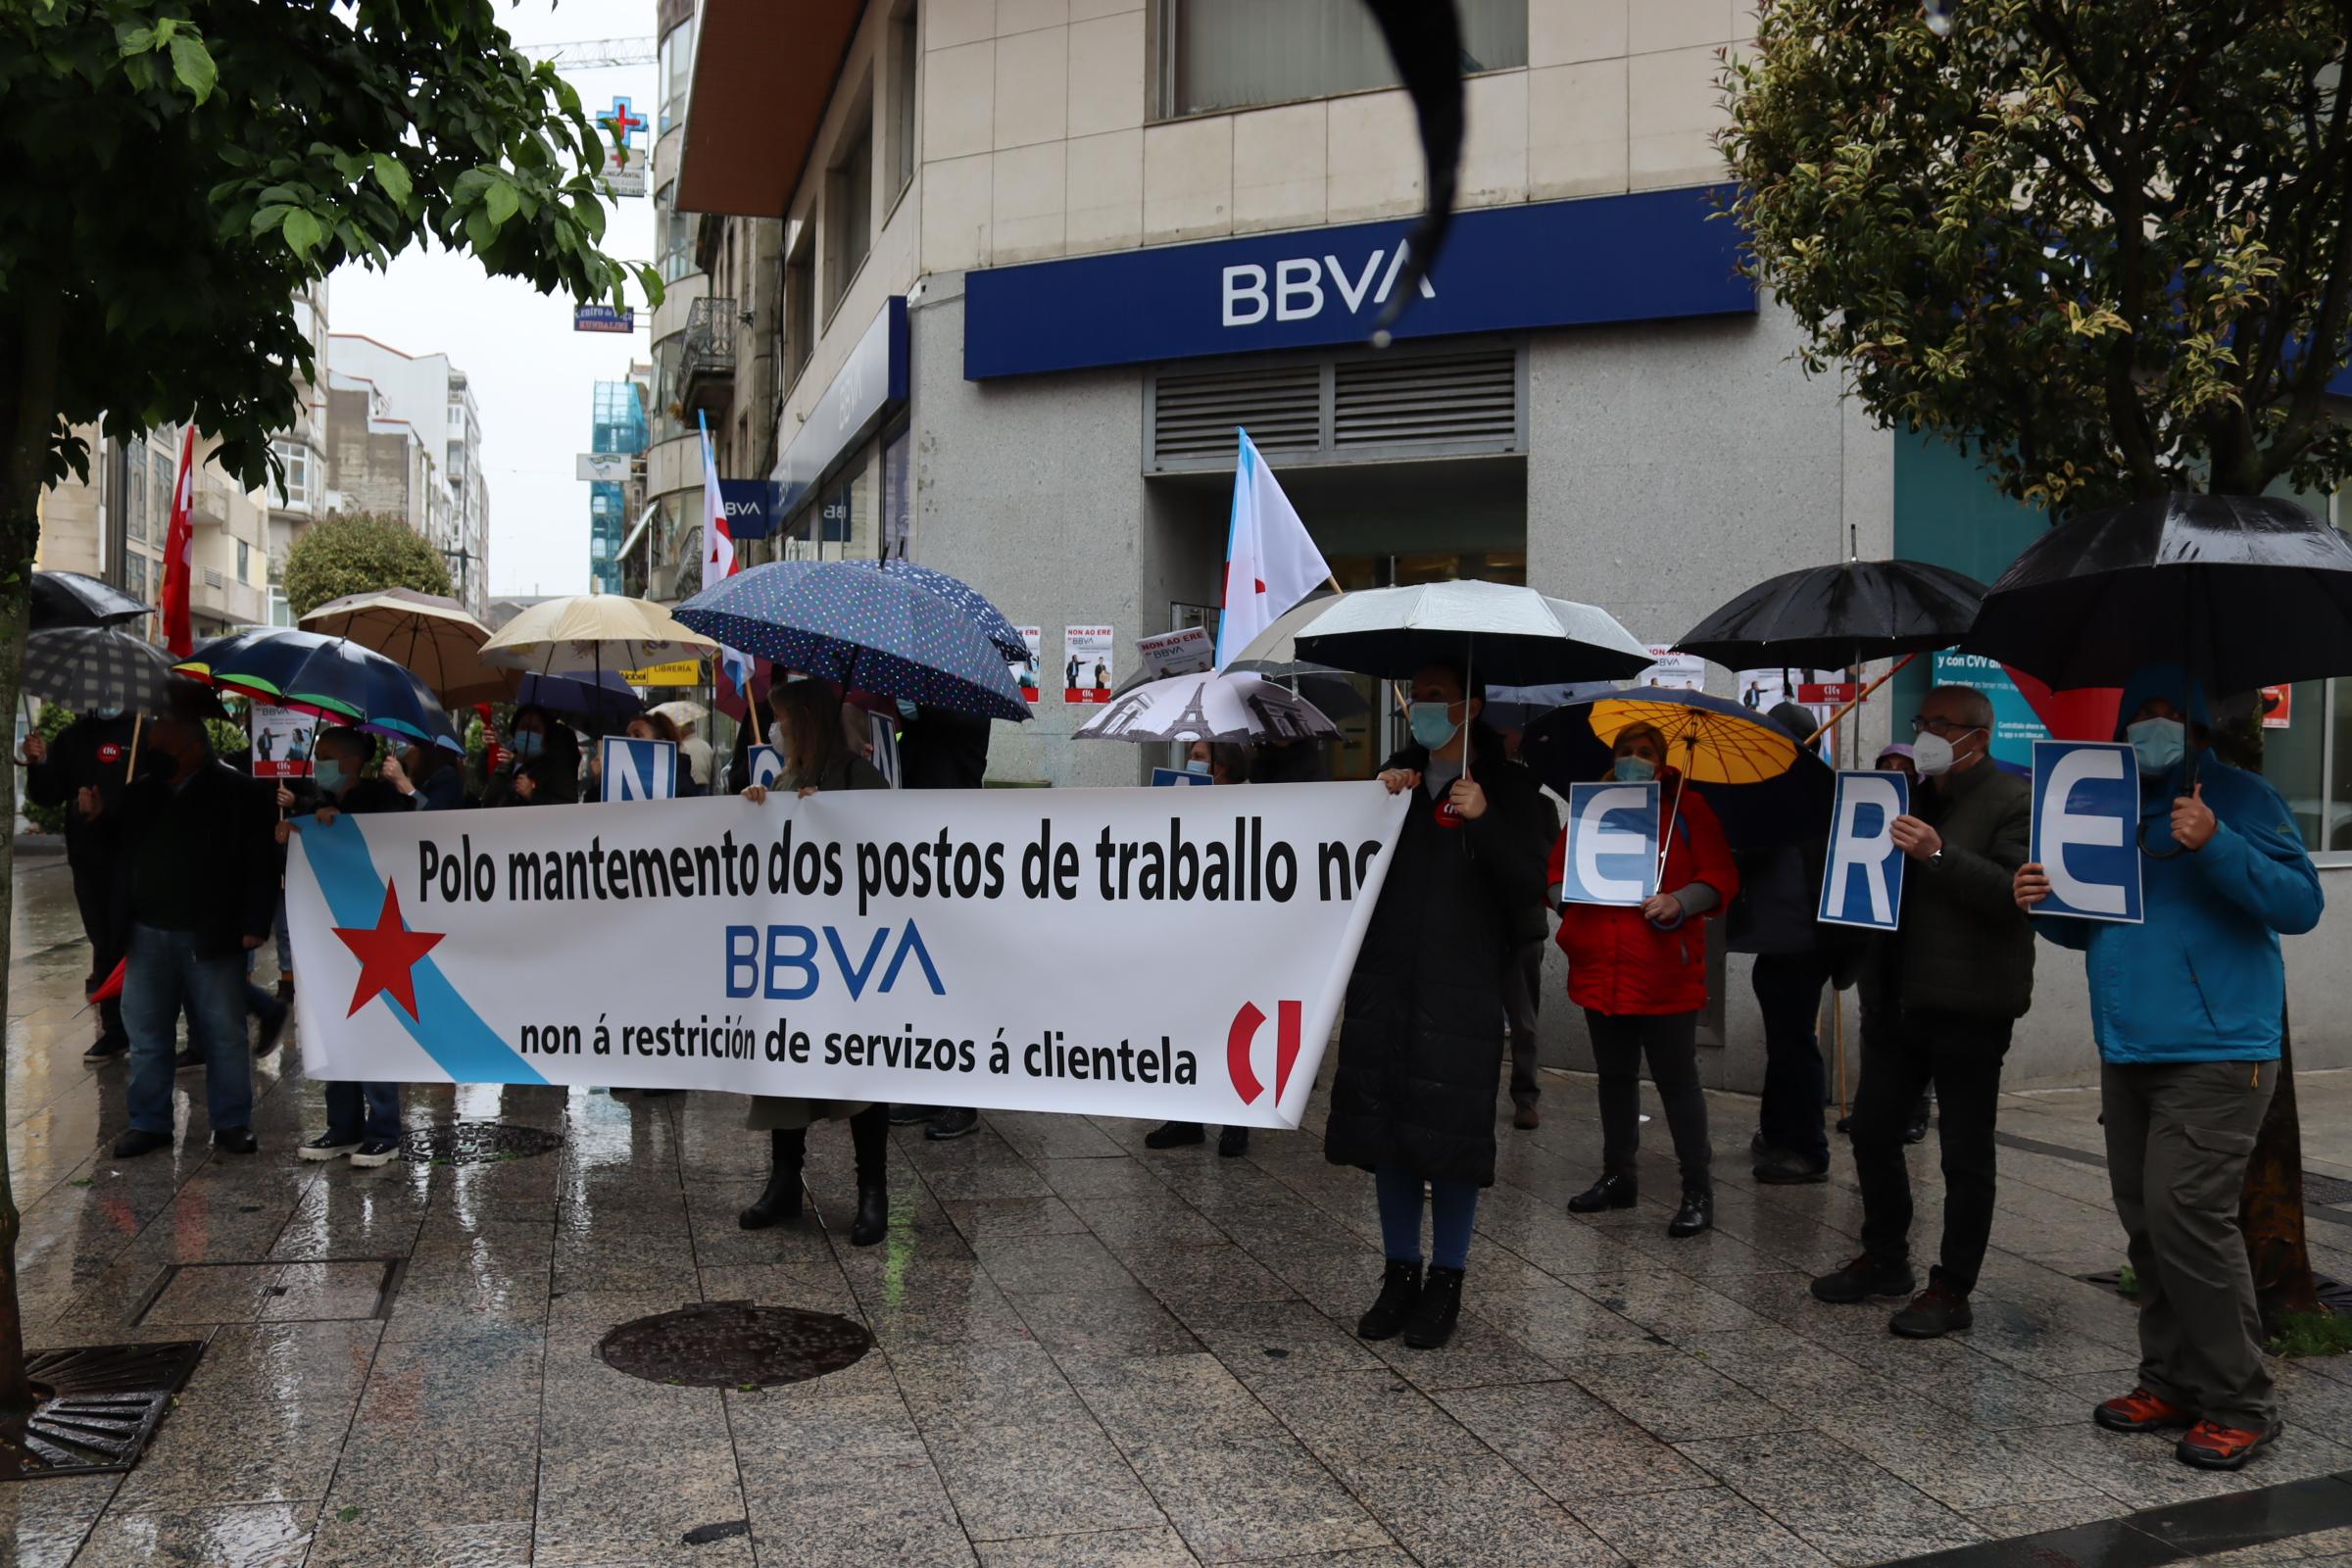 Protesta de los trabajadores de BBVA en Vigo / CIG